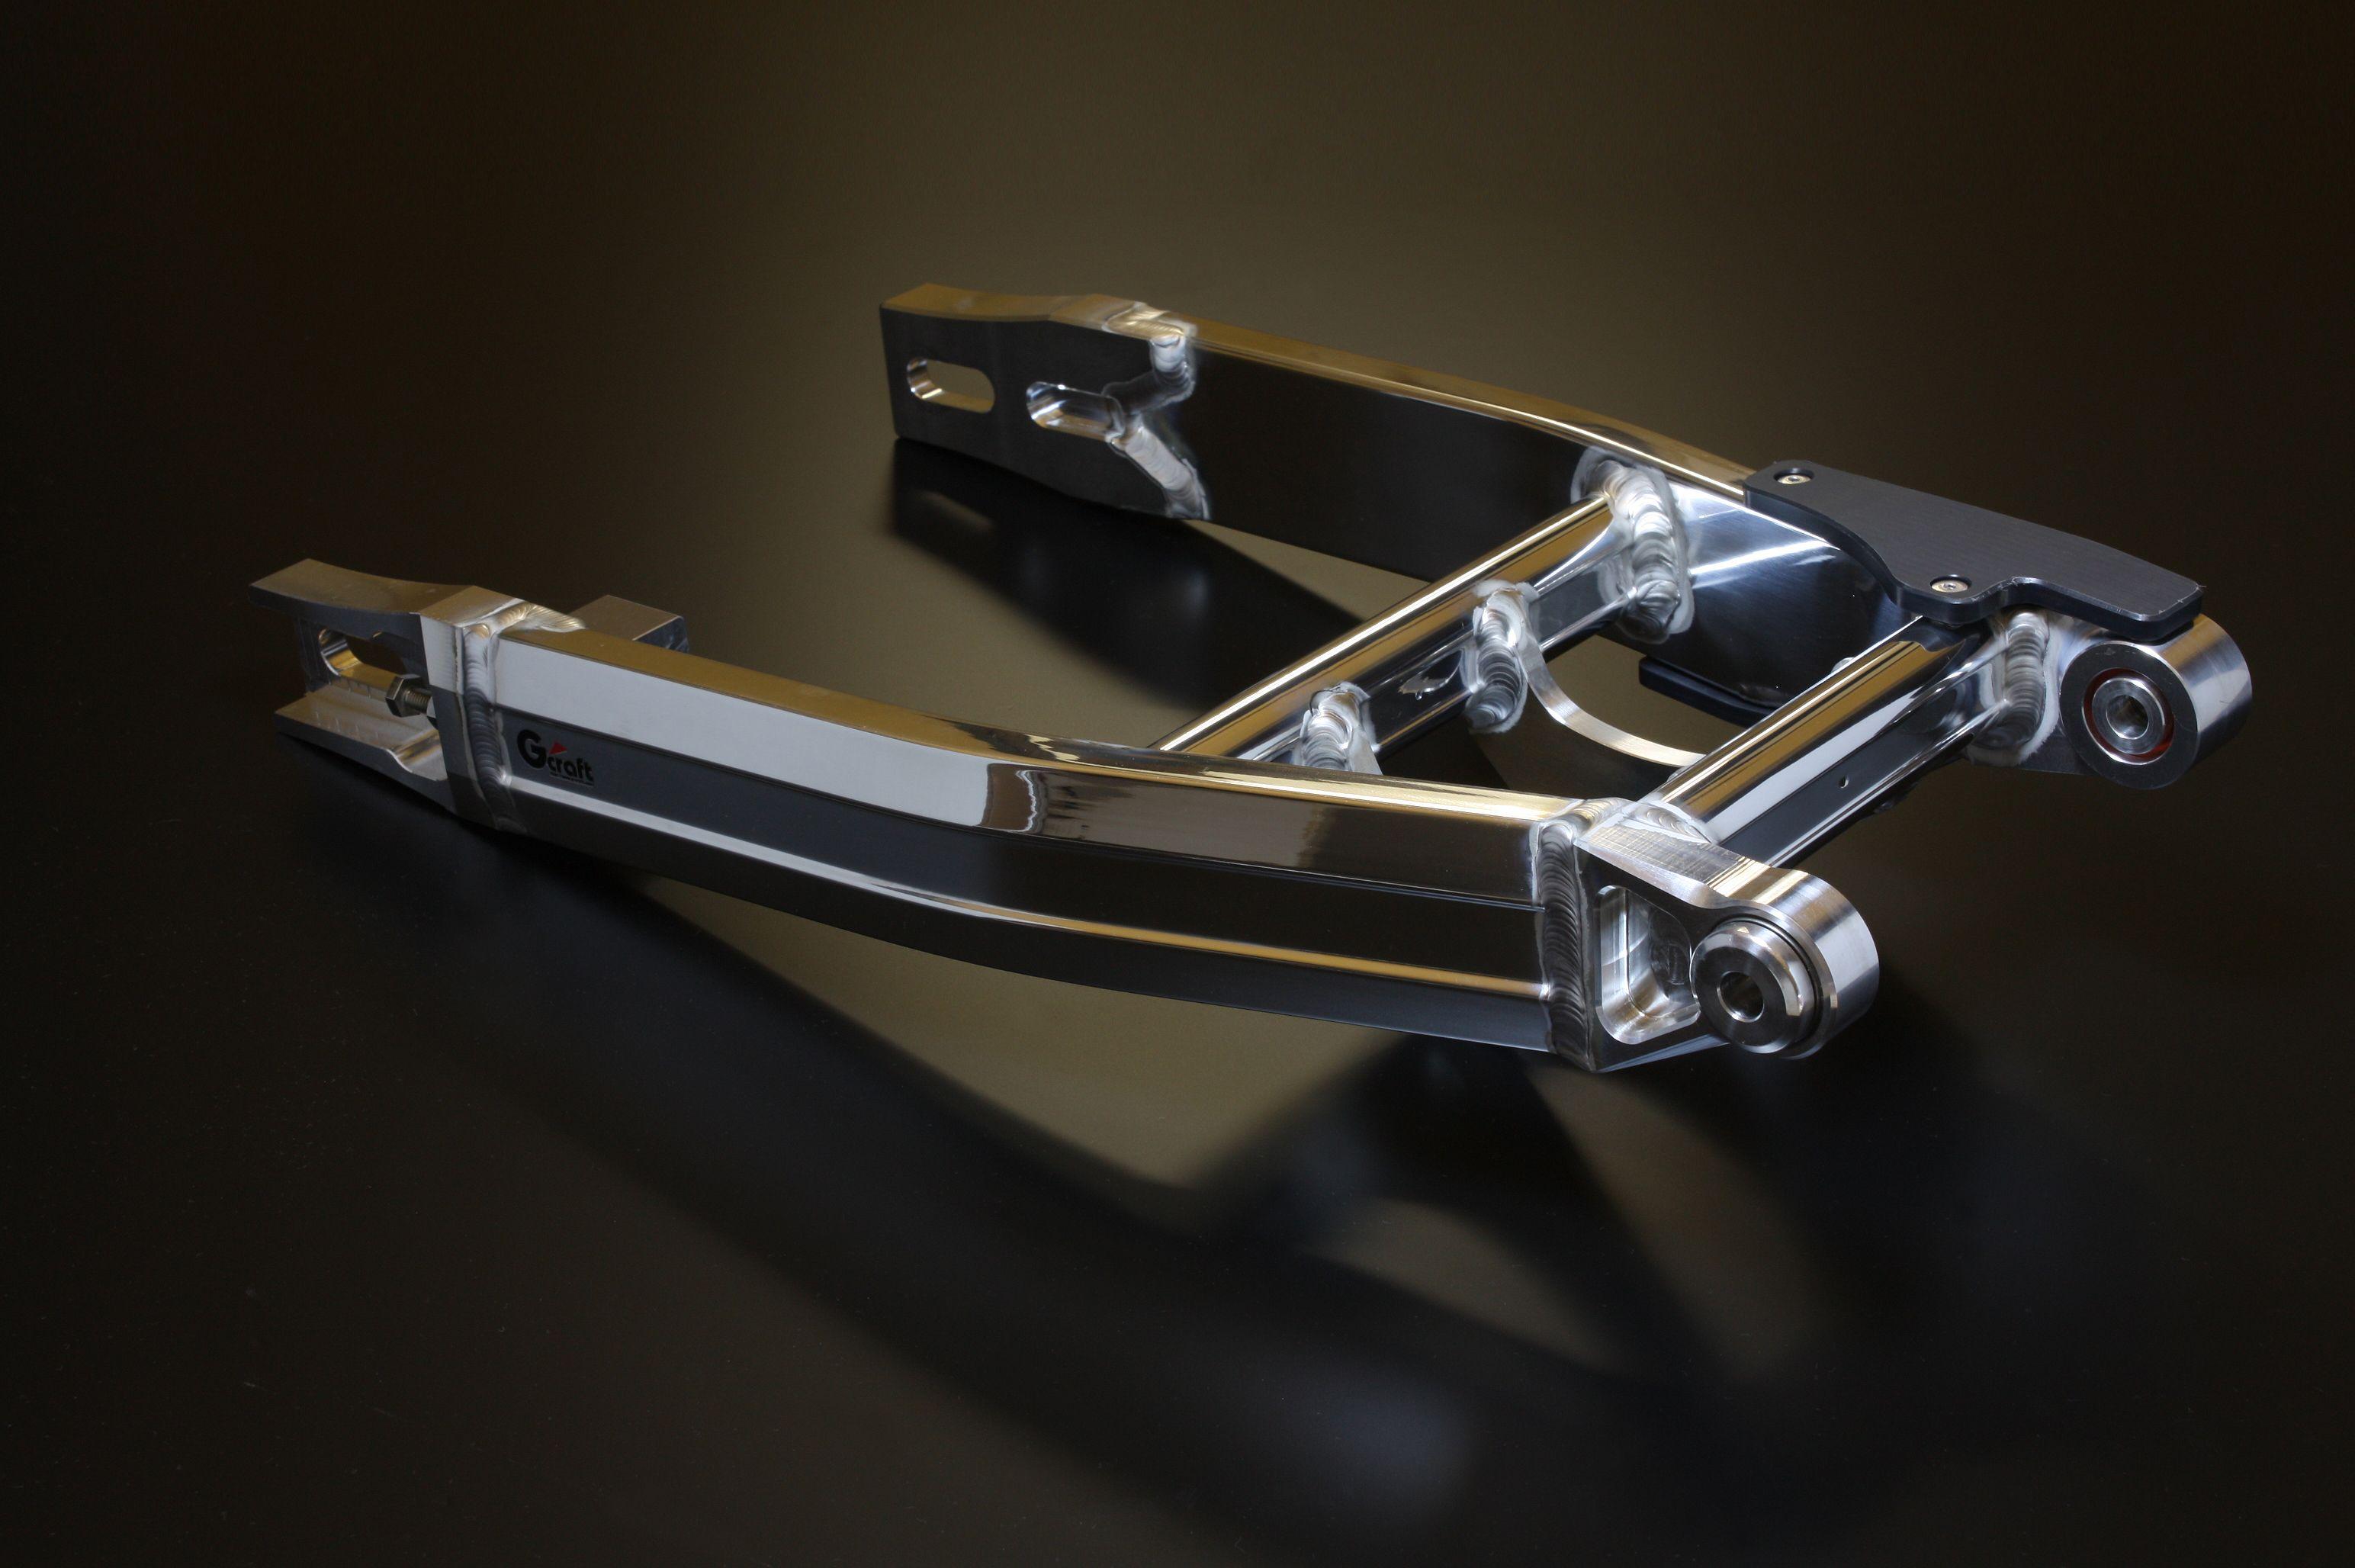 【G-Craft】MONO SHOCK 加寬多角型後搖臂 加長14cm - 「Webike-摩托百貨」